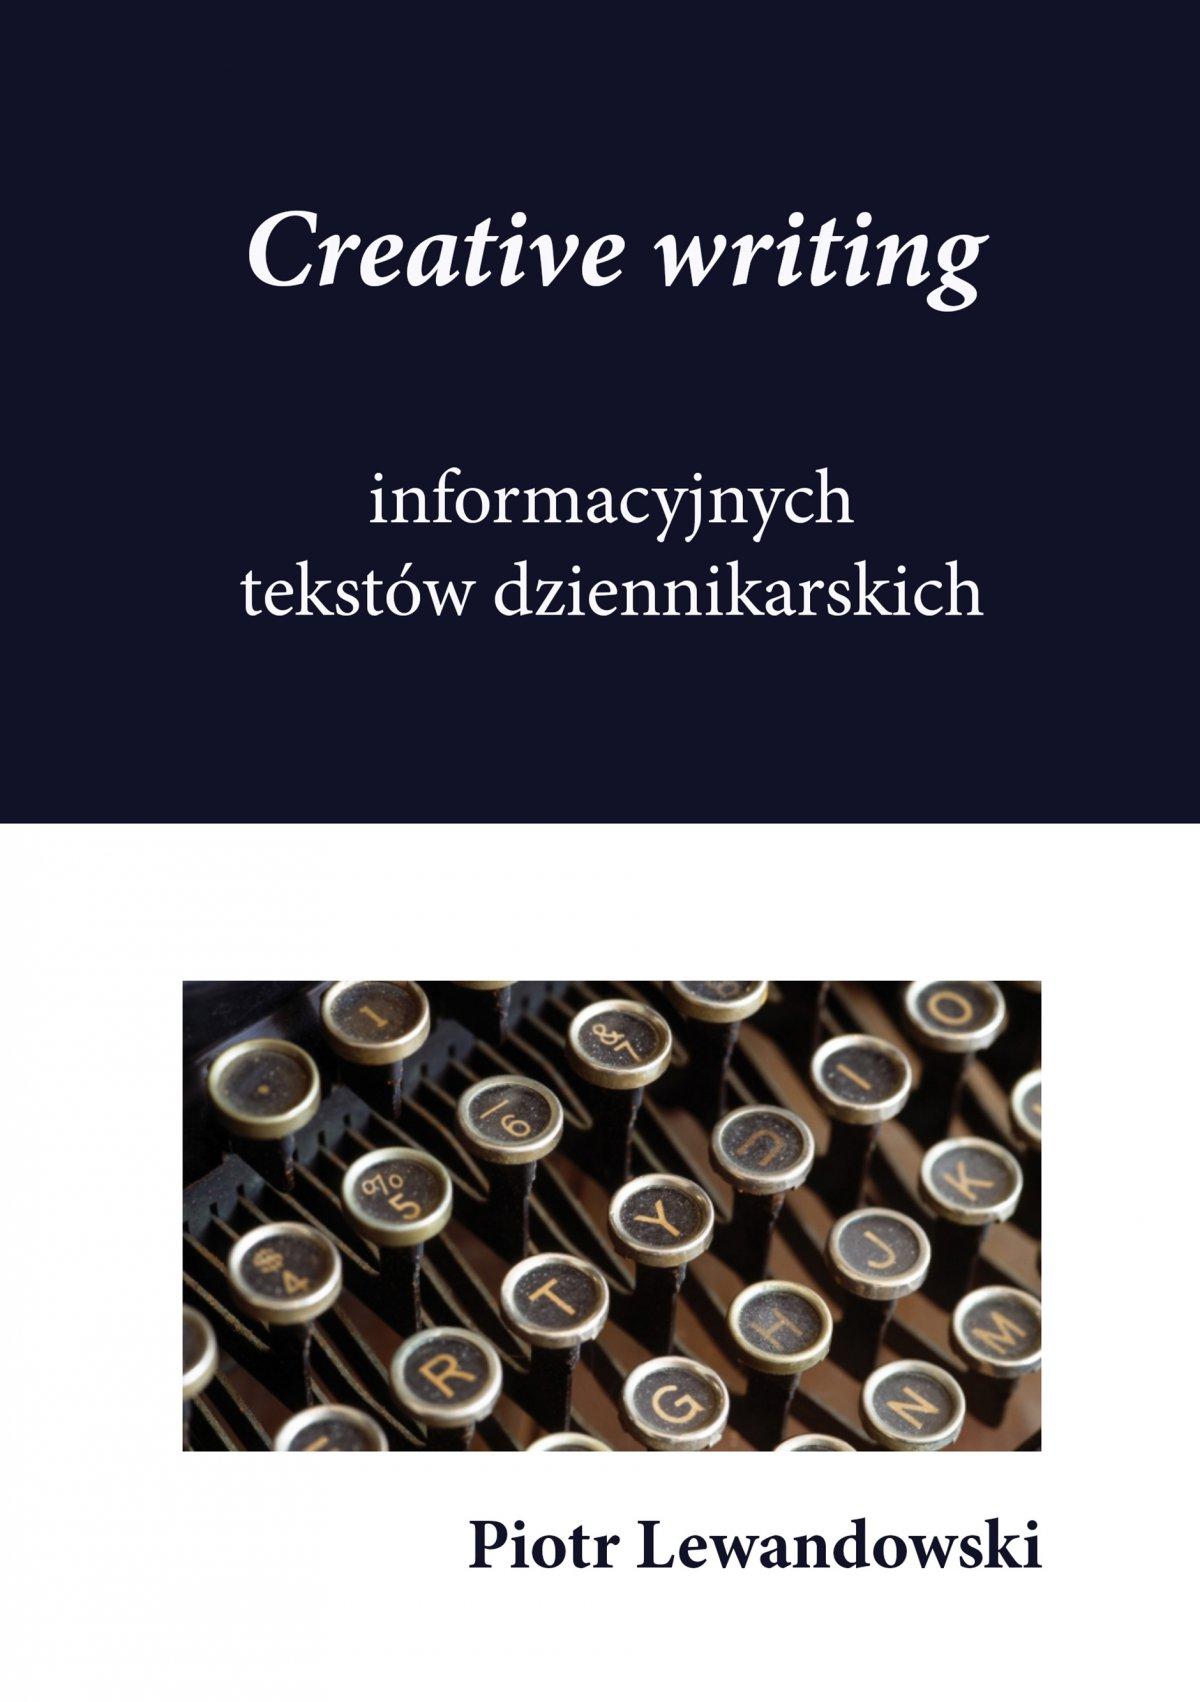 Creative writing tekstów dziennikarskich - Ebook (Książka EPUB) do pobrania w formacie EPUB